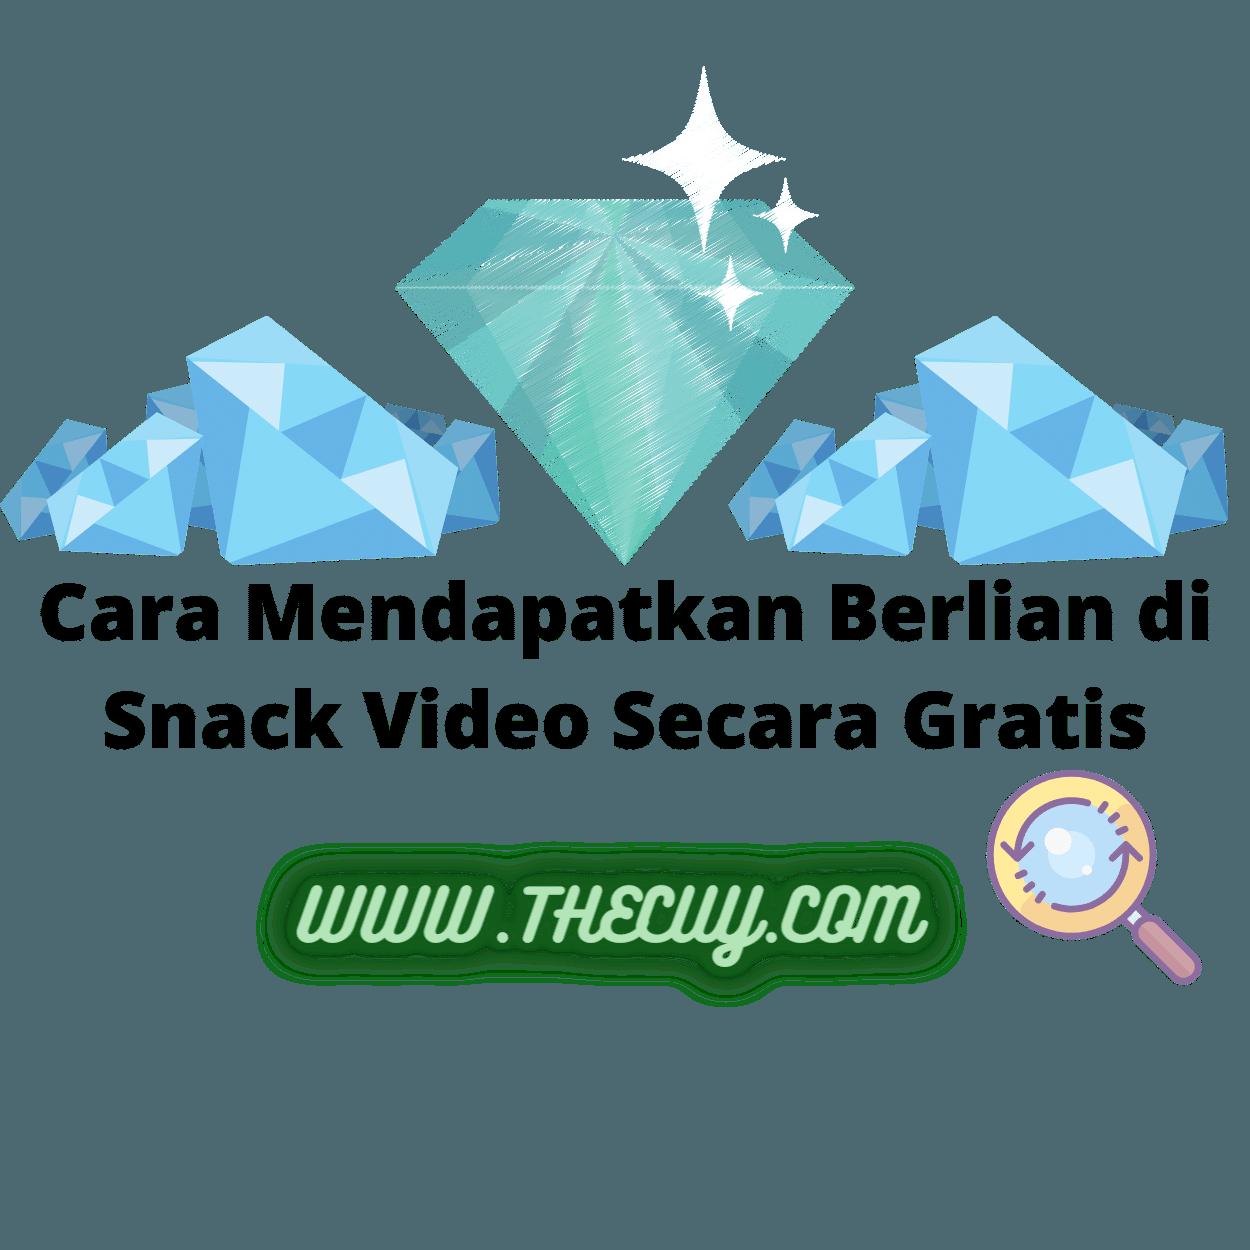 Cara Mendapatkan Berlian di Snack Video Secara Gratis